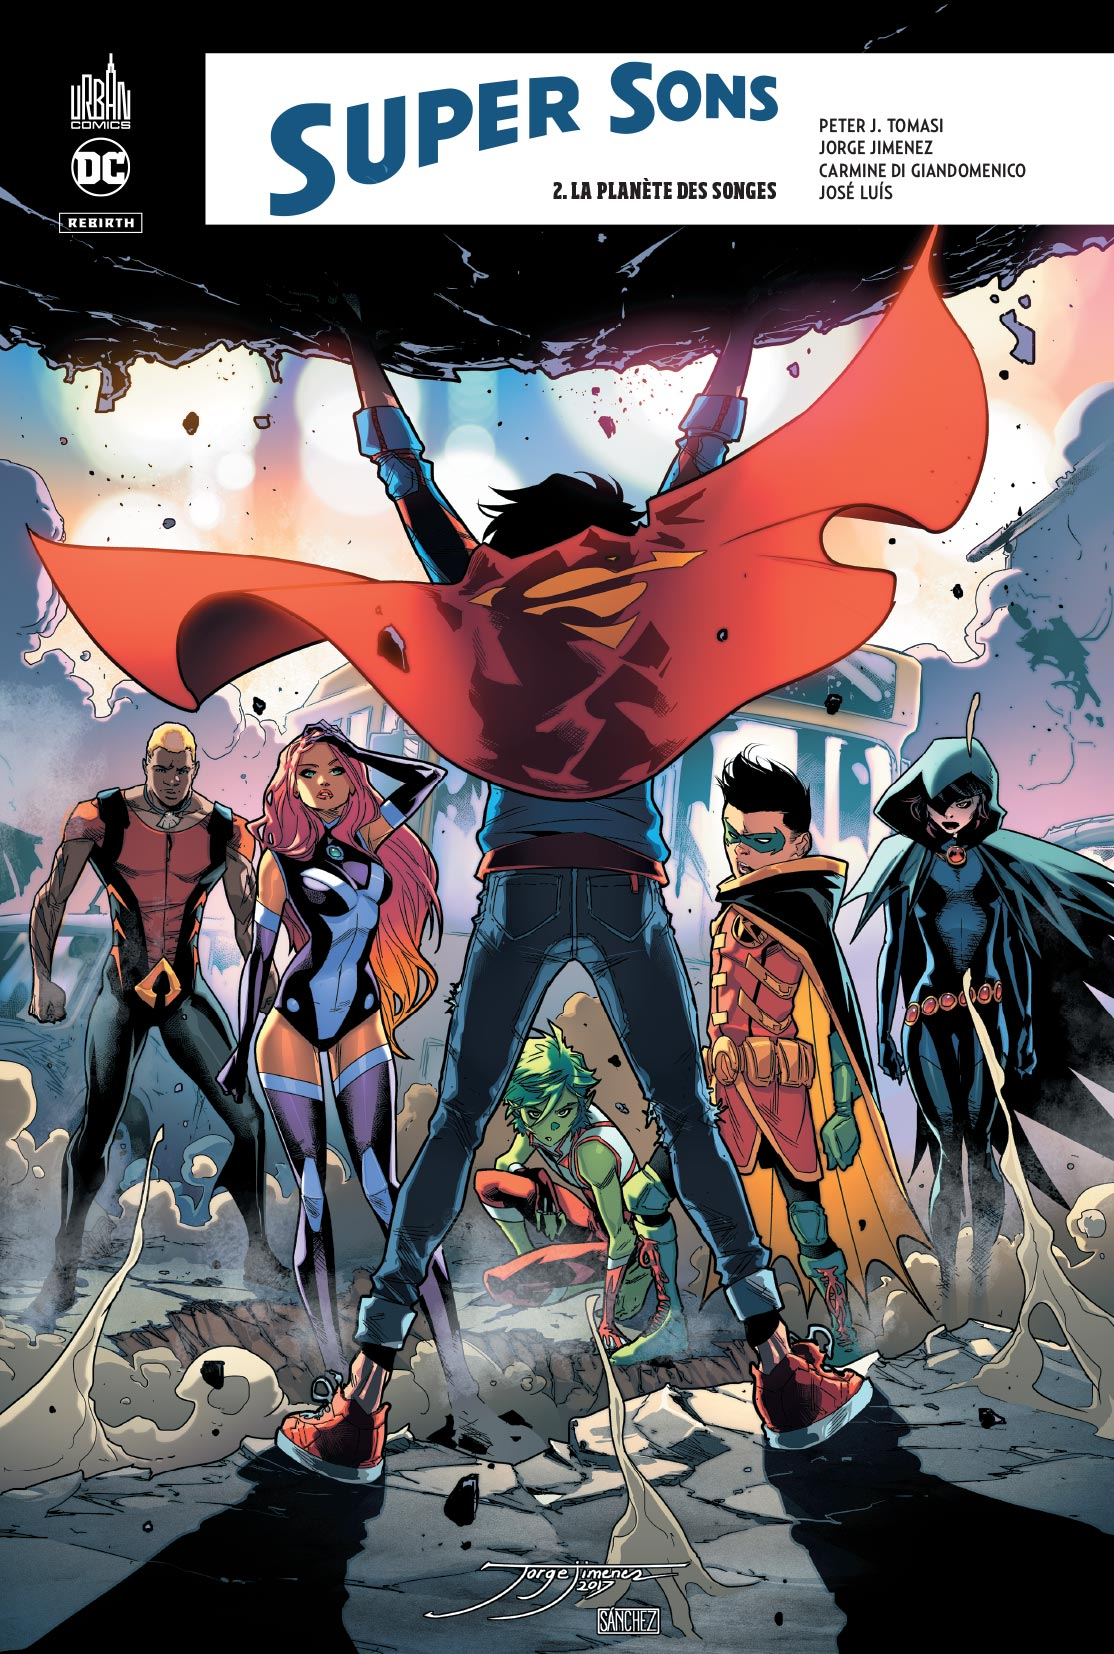 Super Sons 2 - La planète des songes